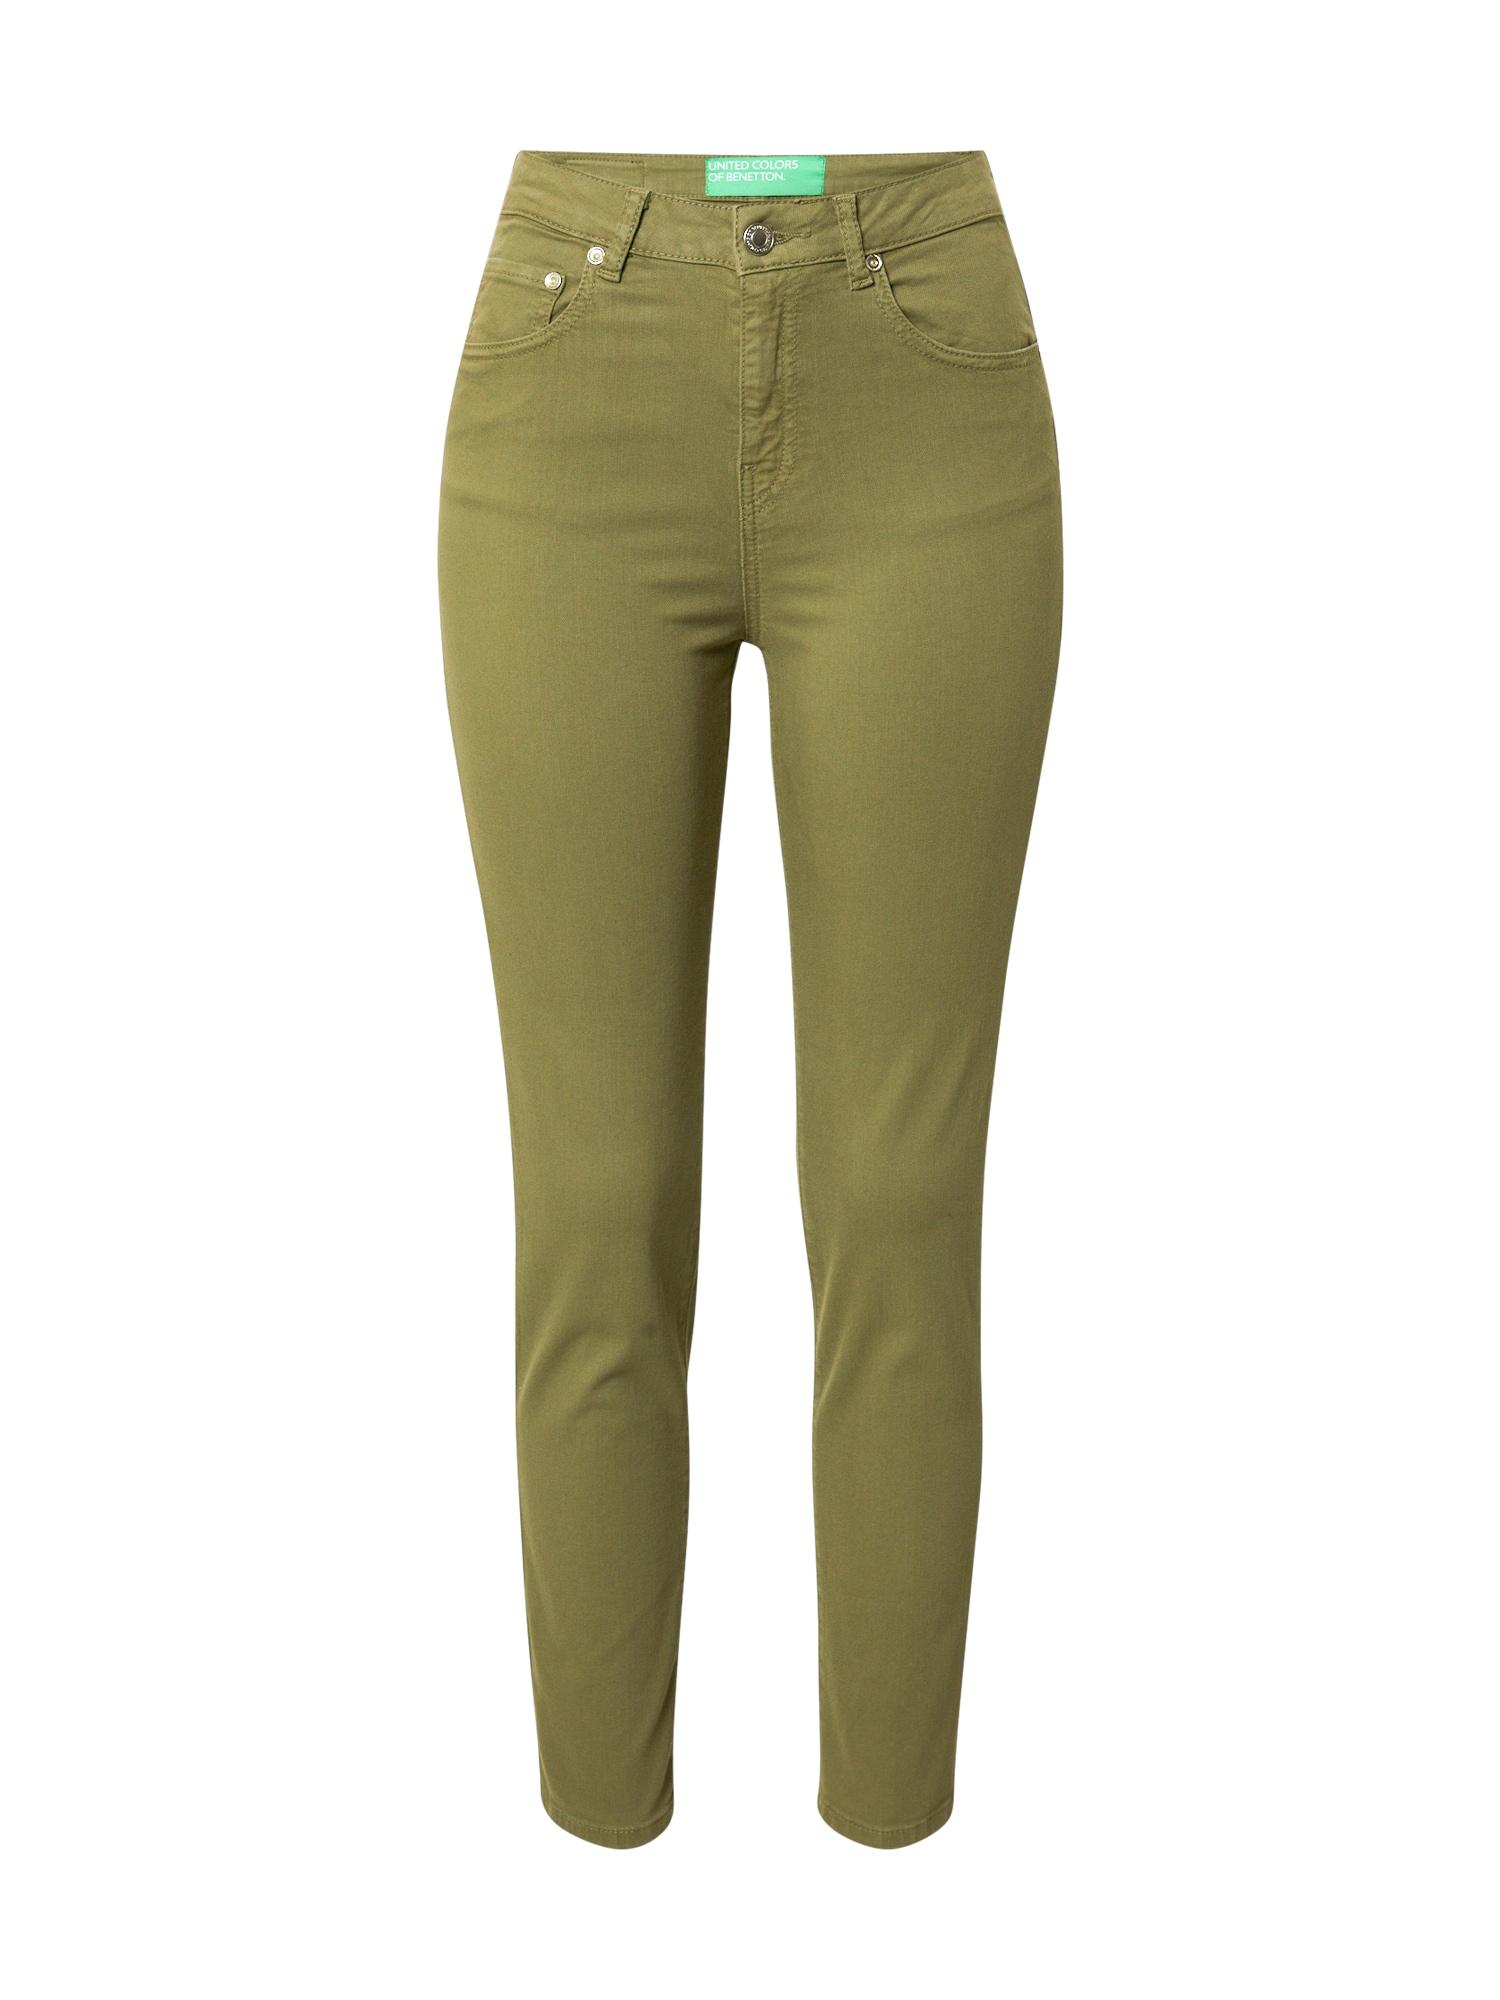 UNITED COLORS OF BENETTON Kalhoty  tmavě zelená